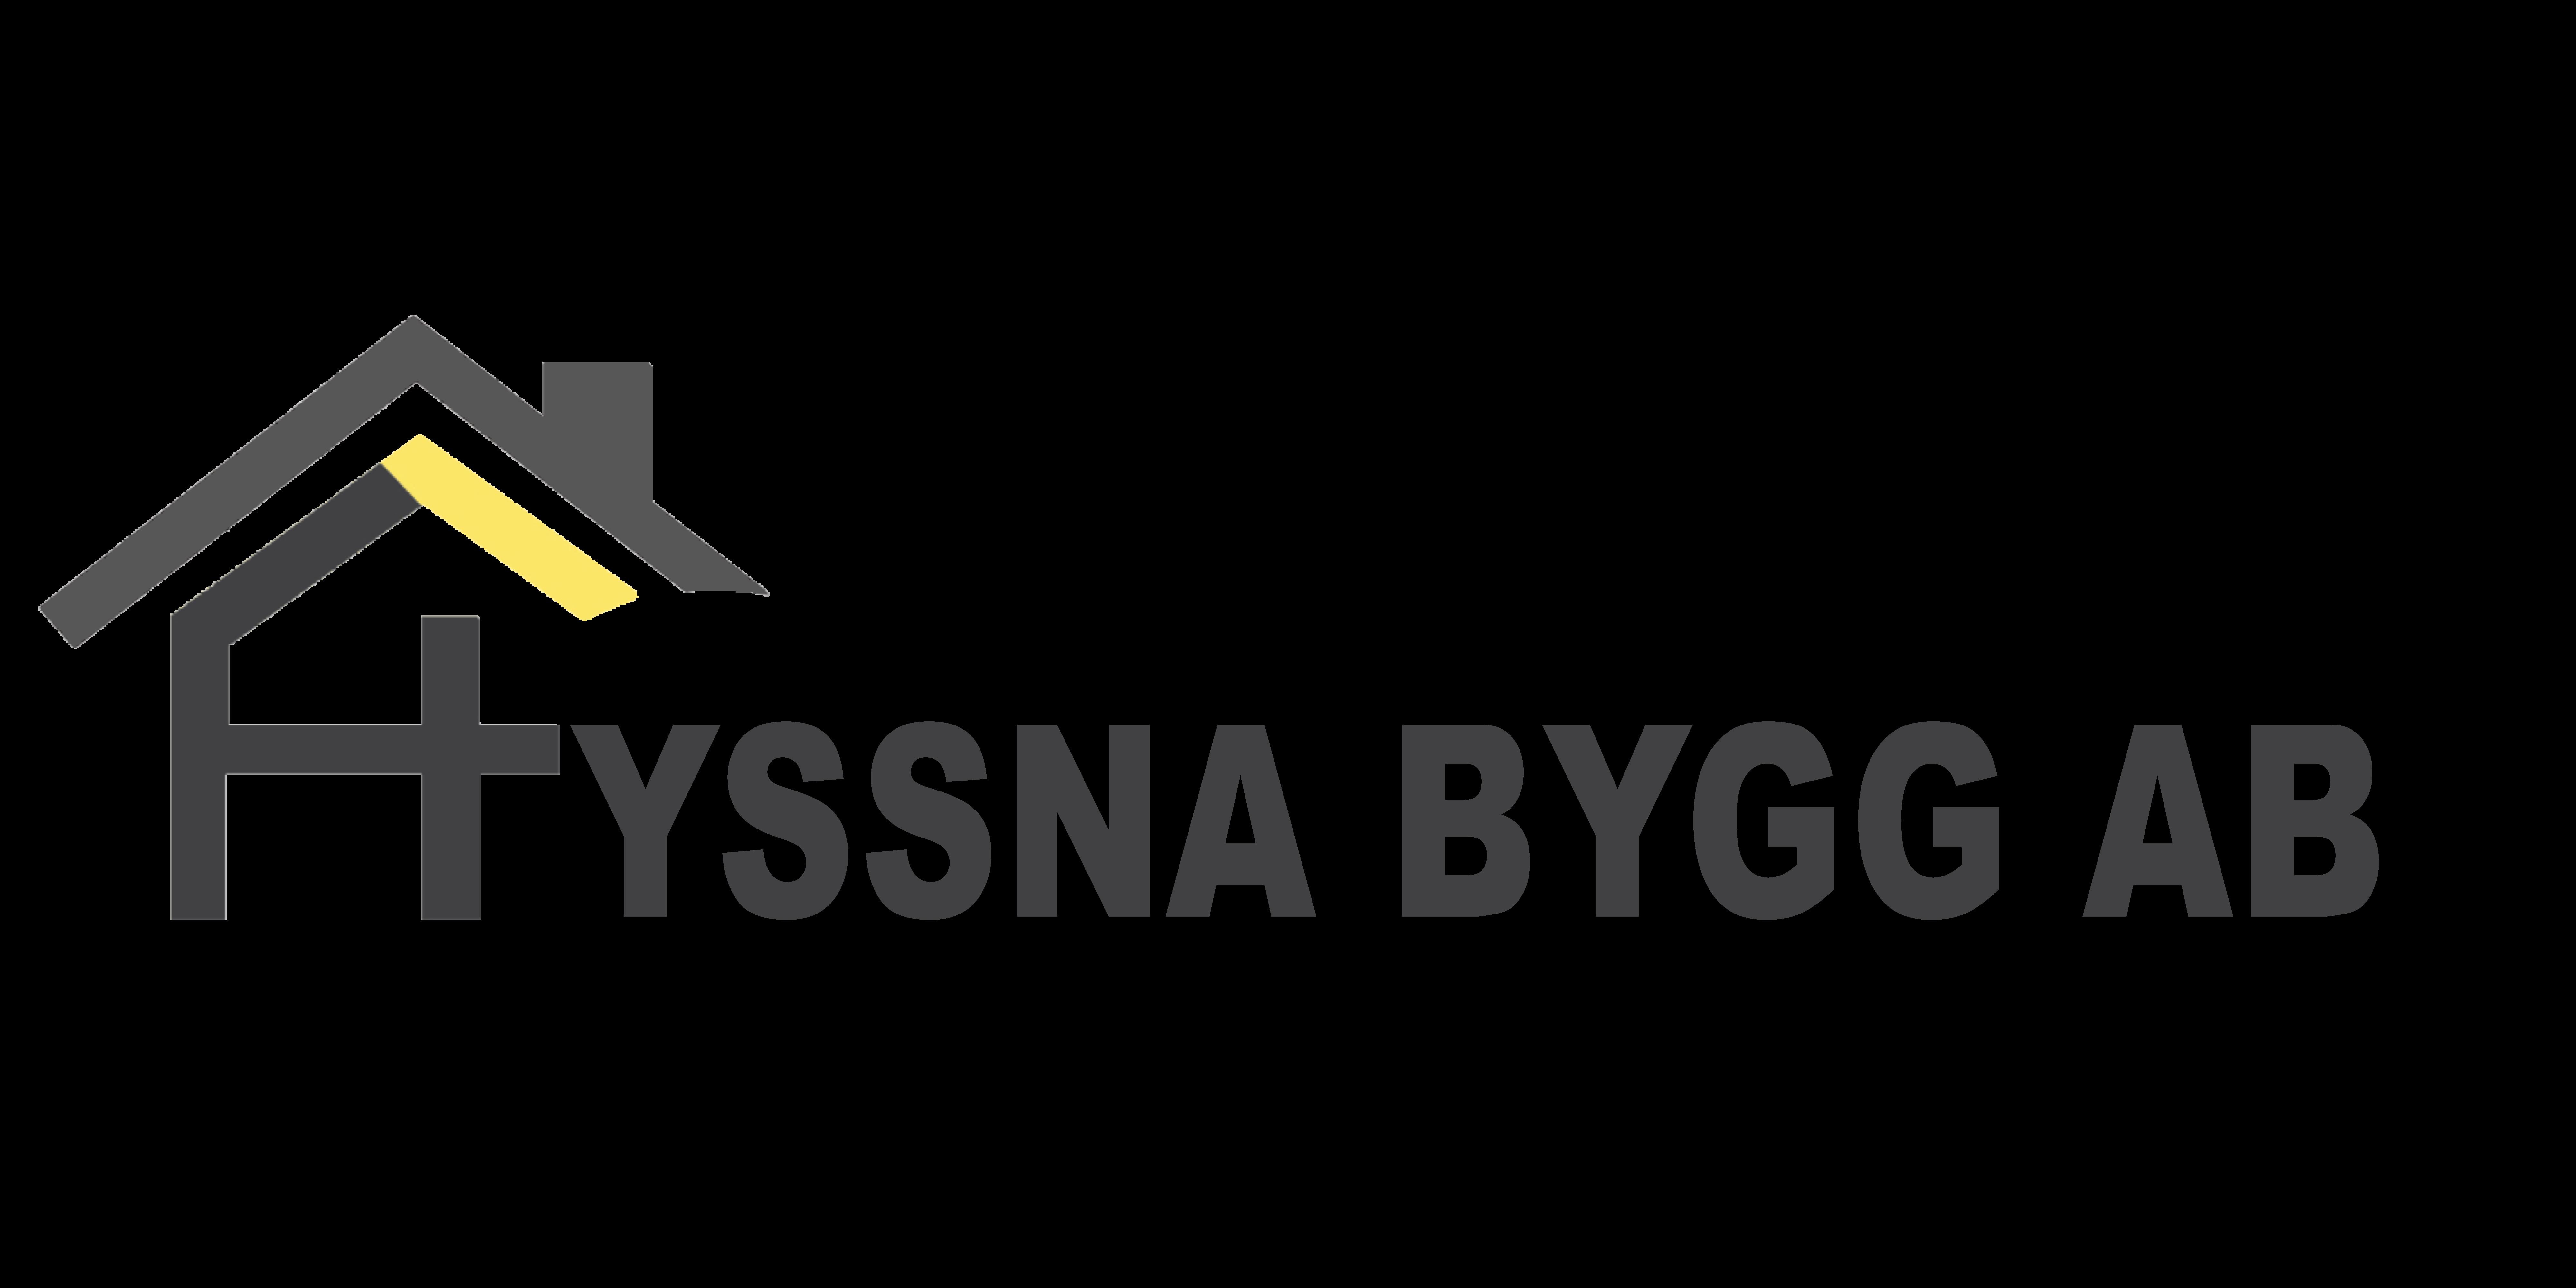 Välkommen till Hyssna Bygg AB - Varje detalj är en del av helheten b9fad2fbcb84f